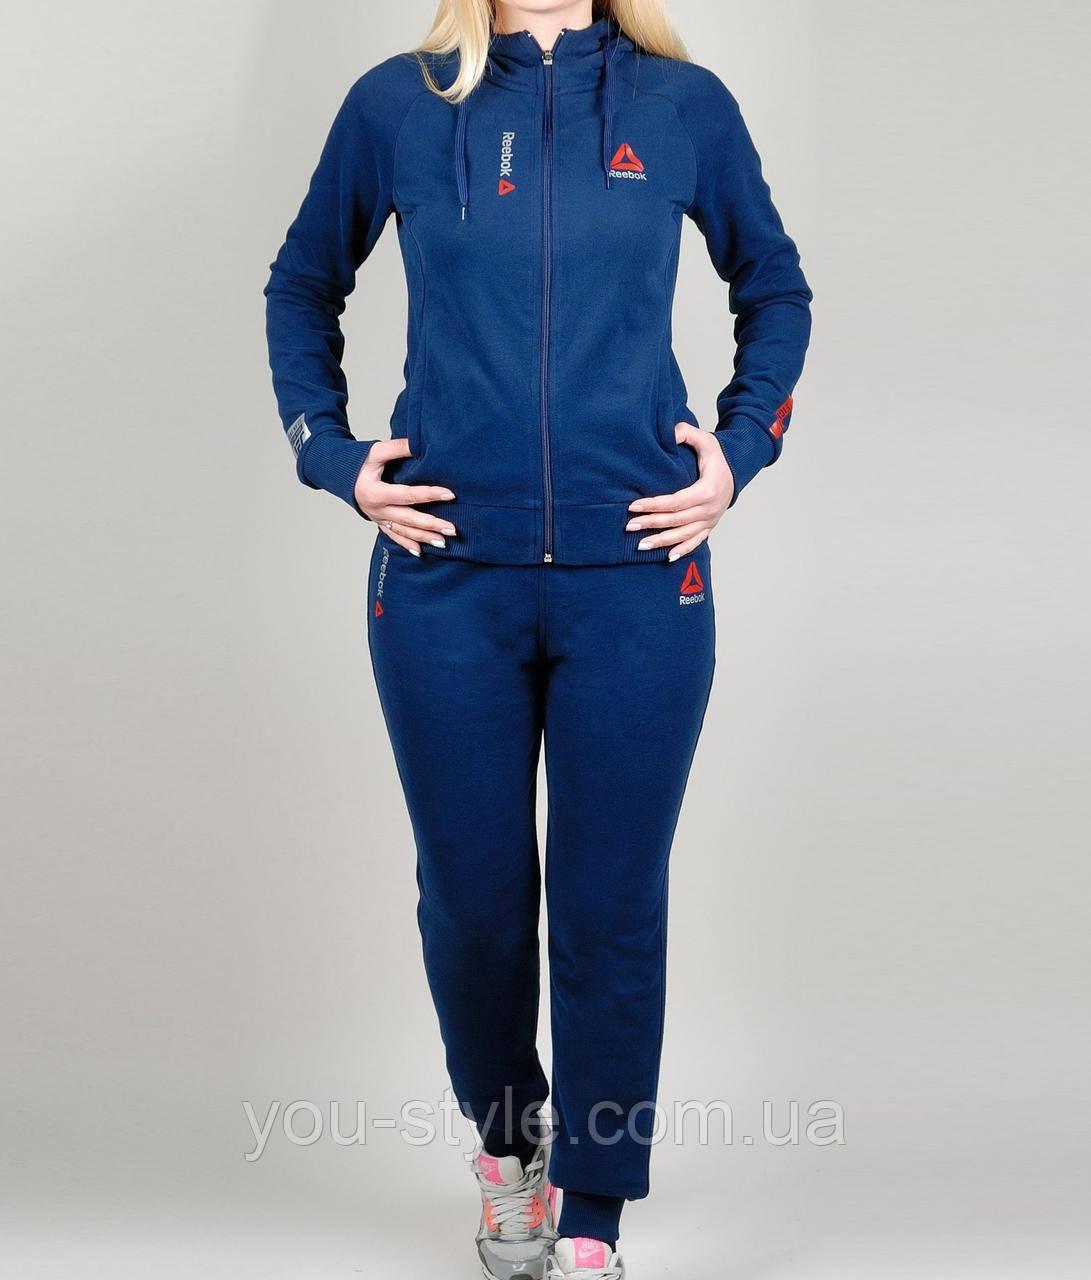 b0c47de2 Женский спортивный костюм Reebok 1130 Тёмно-синий: продажа, цена в ...